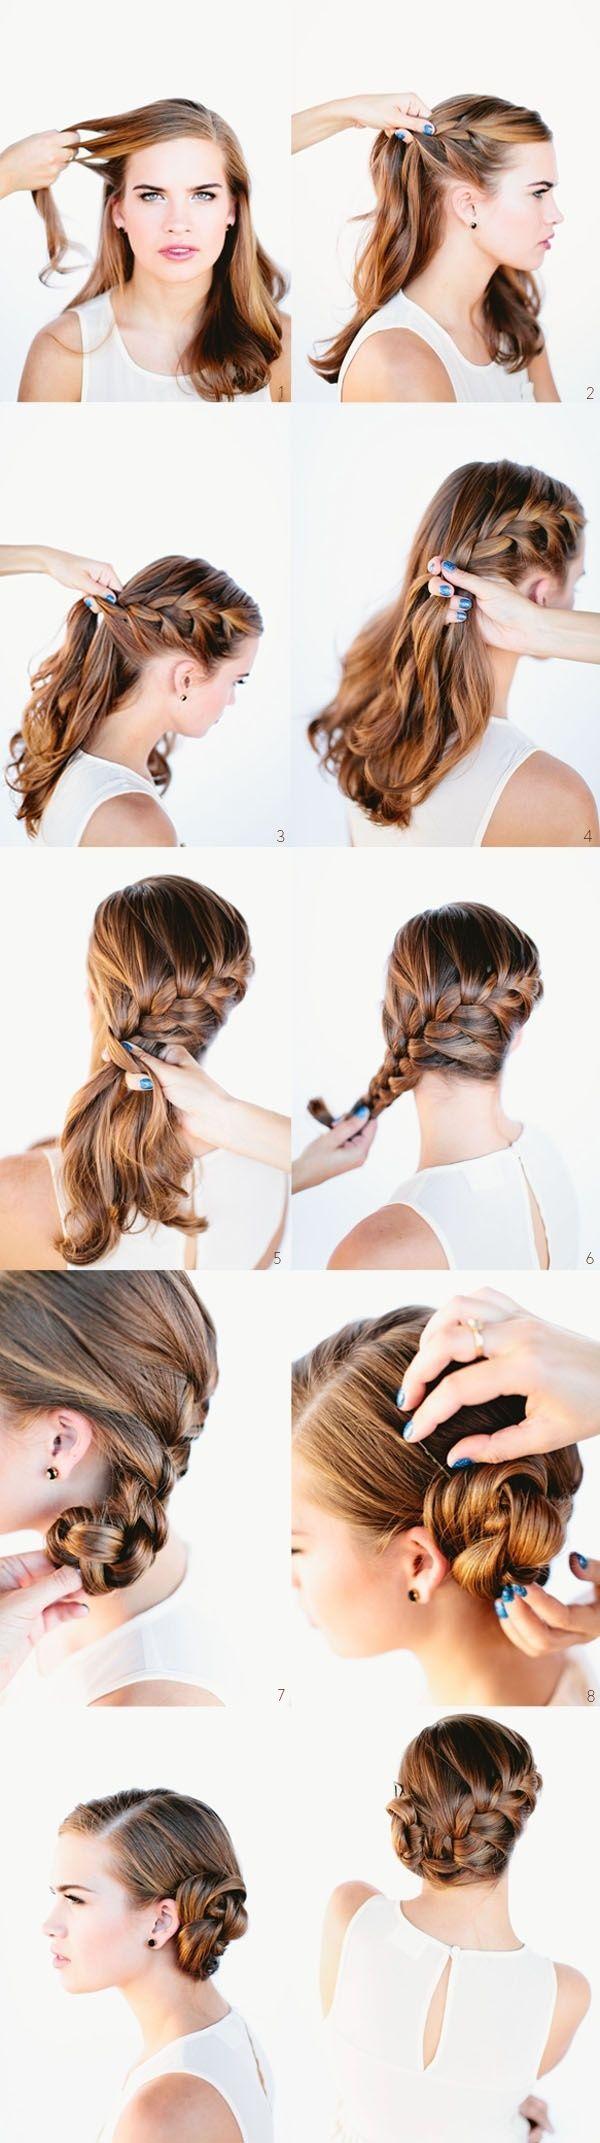 5 formas de recoger tu cabello este verano | ActitudFEM